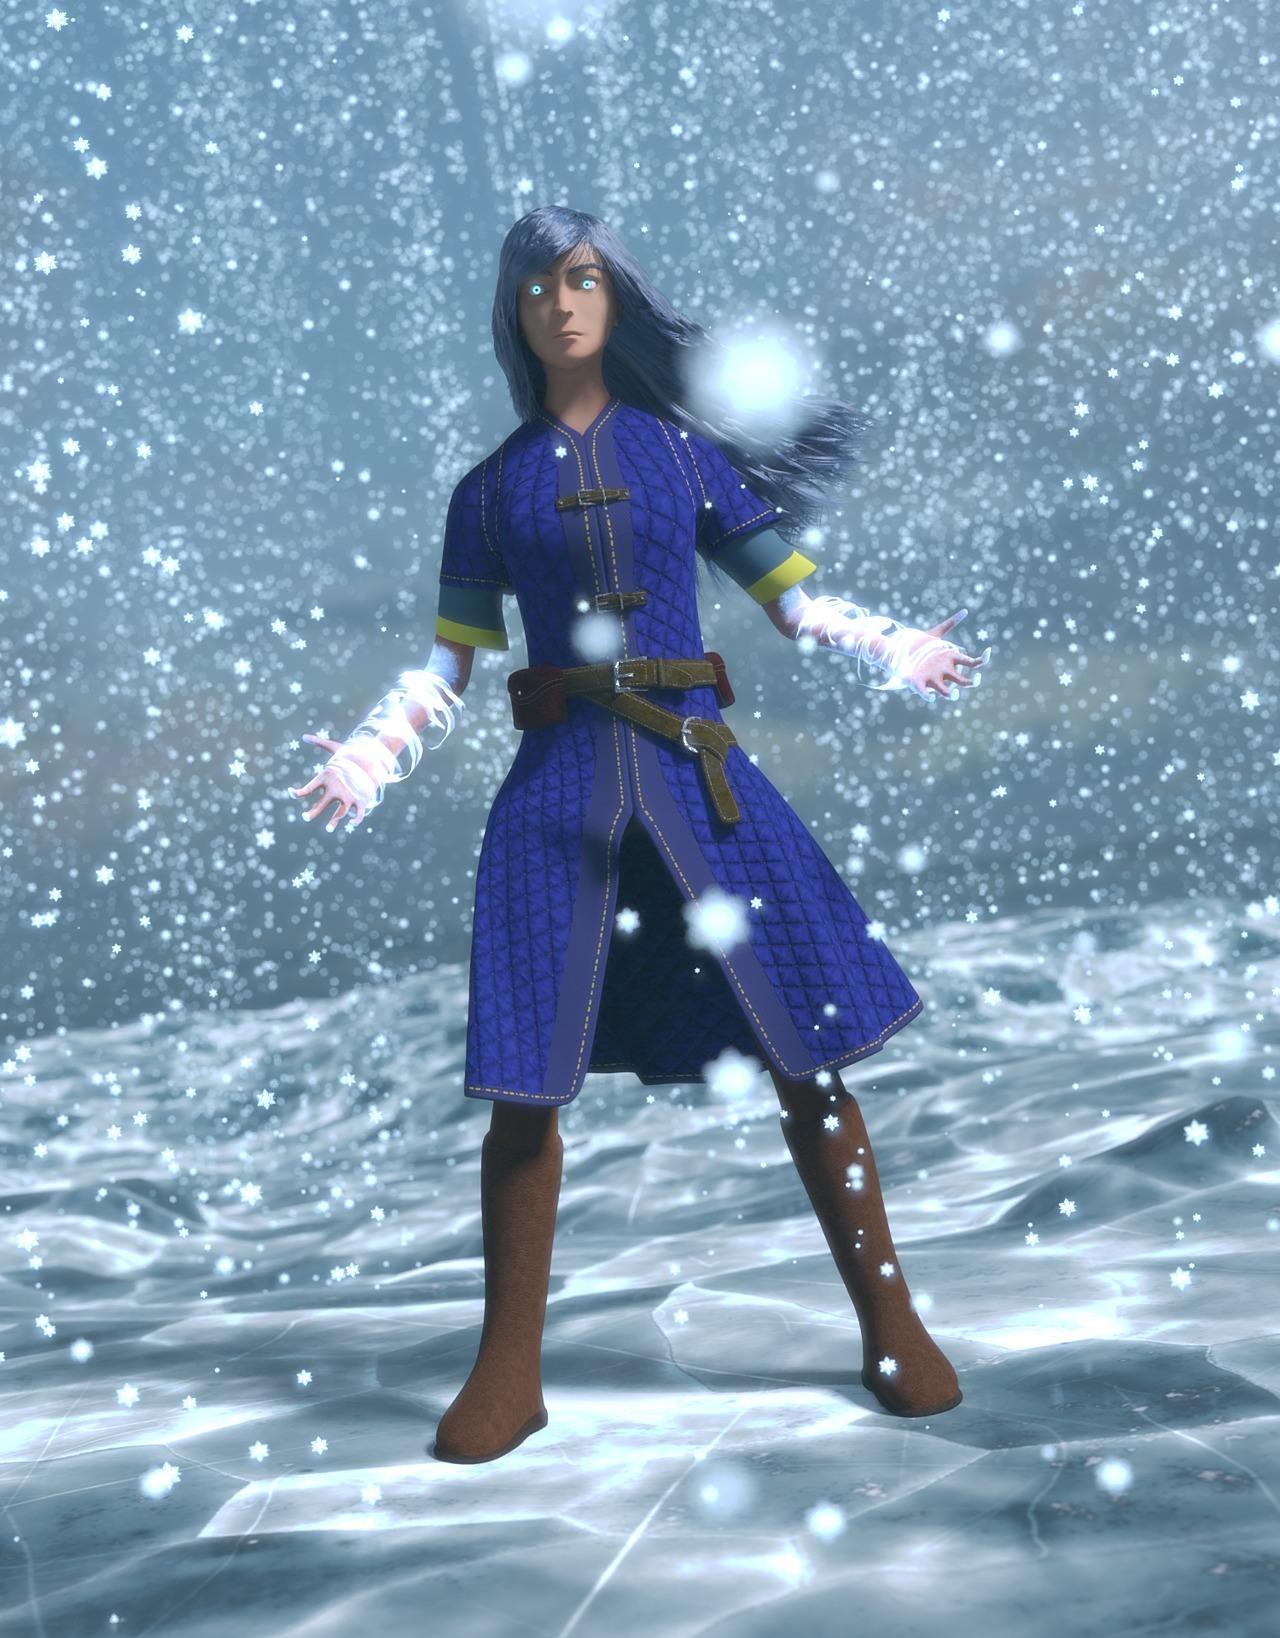 Asira Ice-Mage